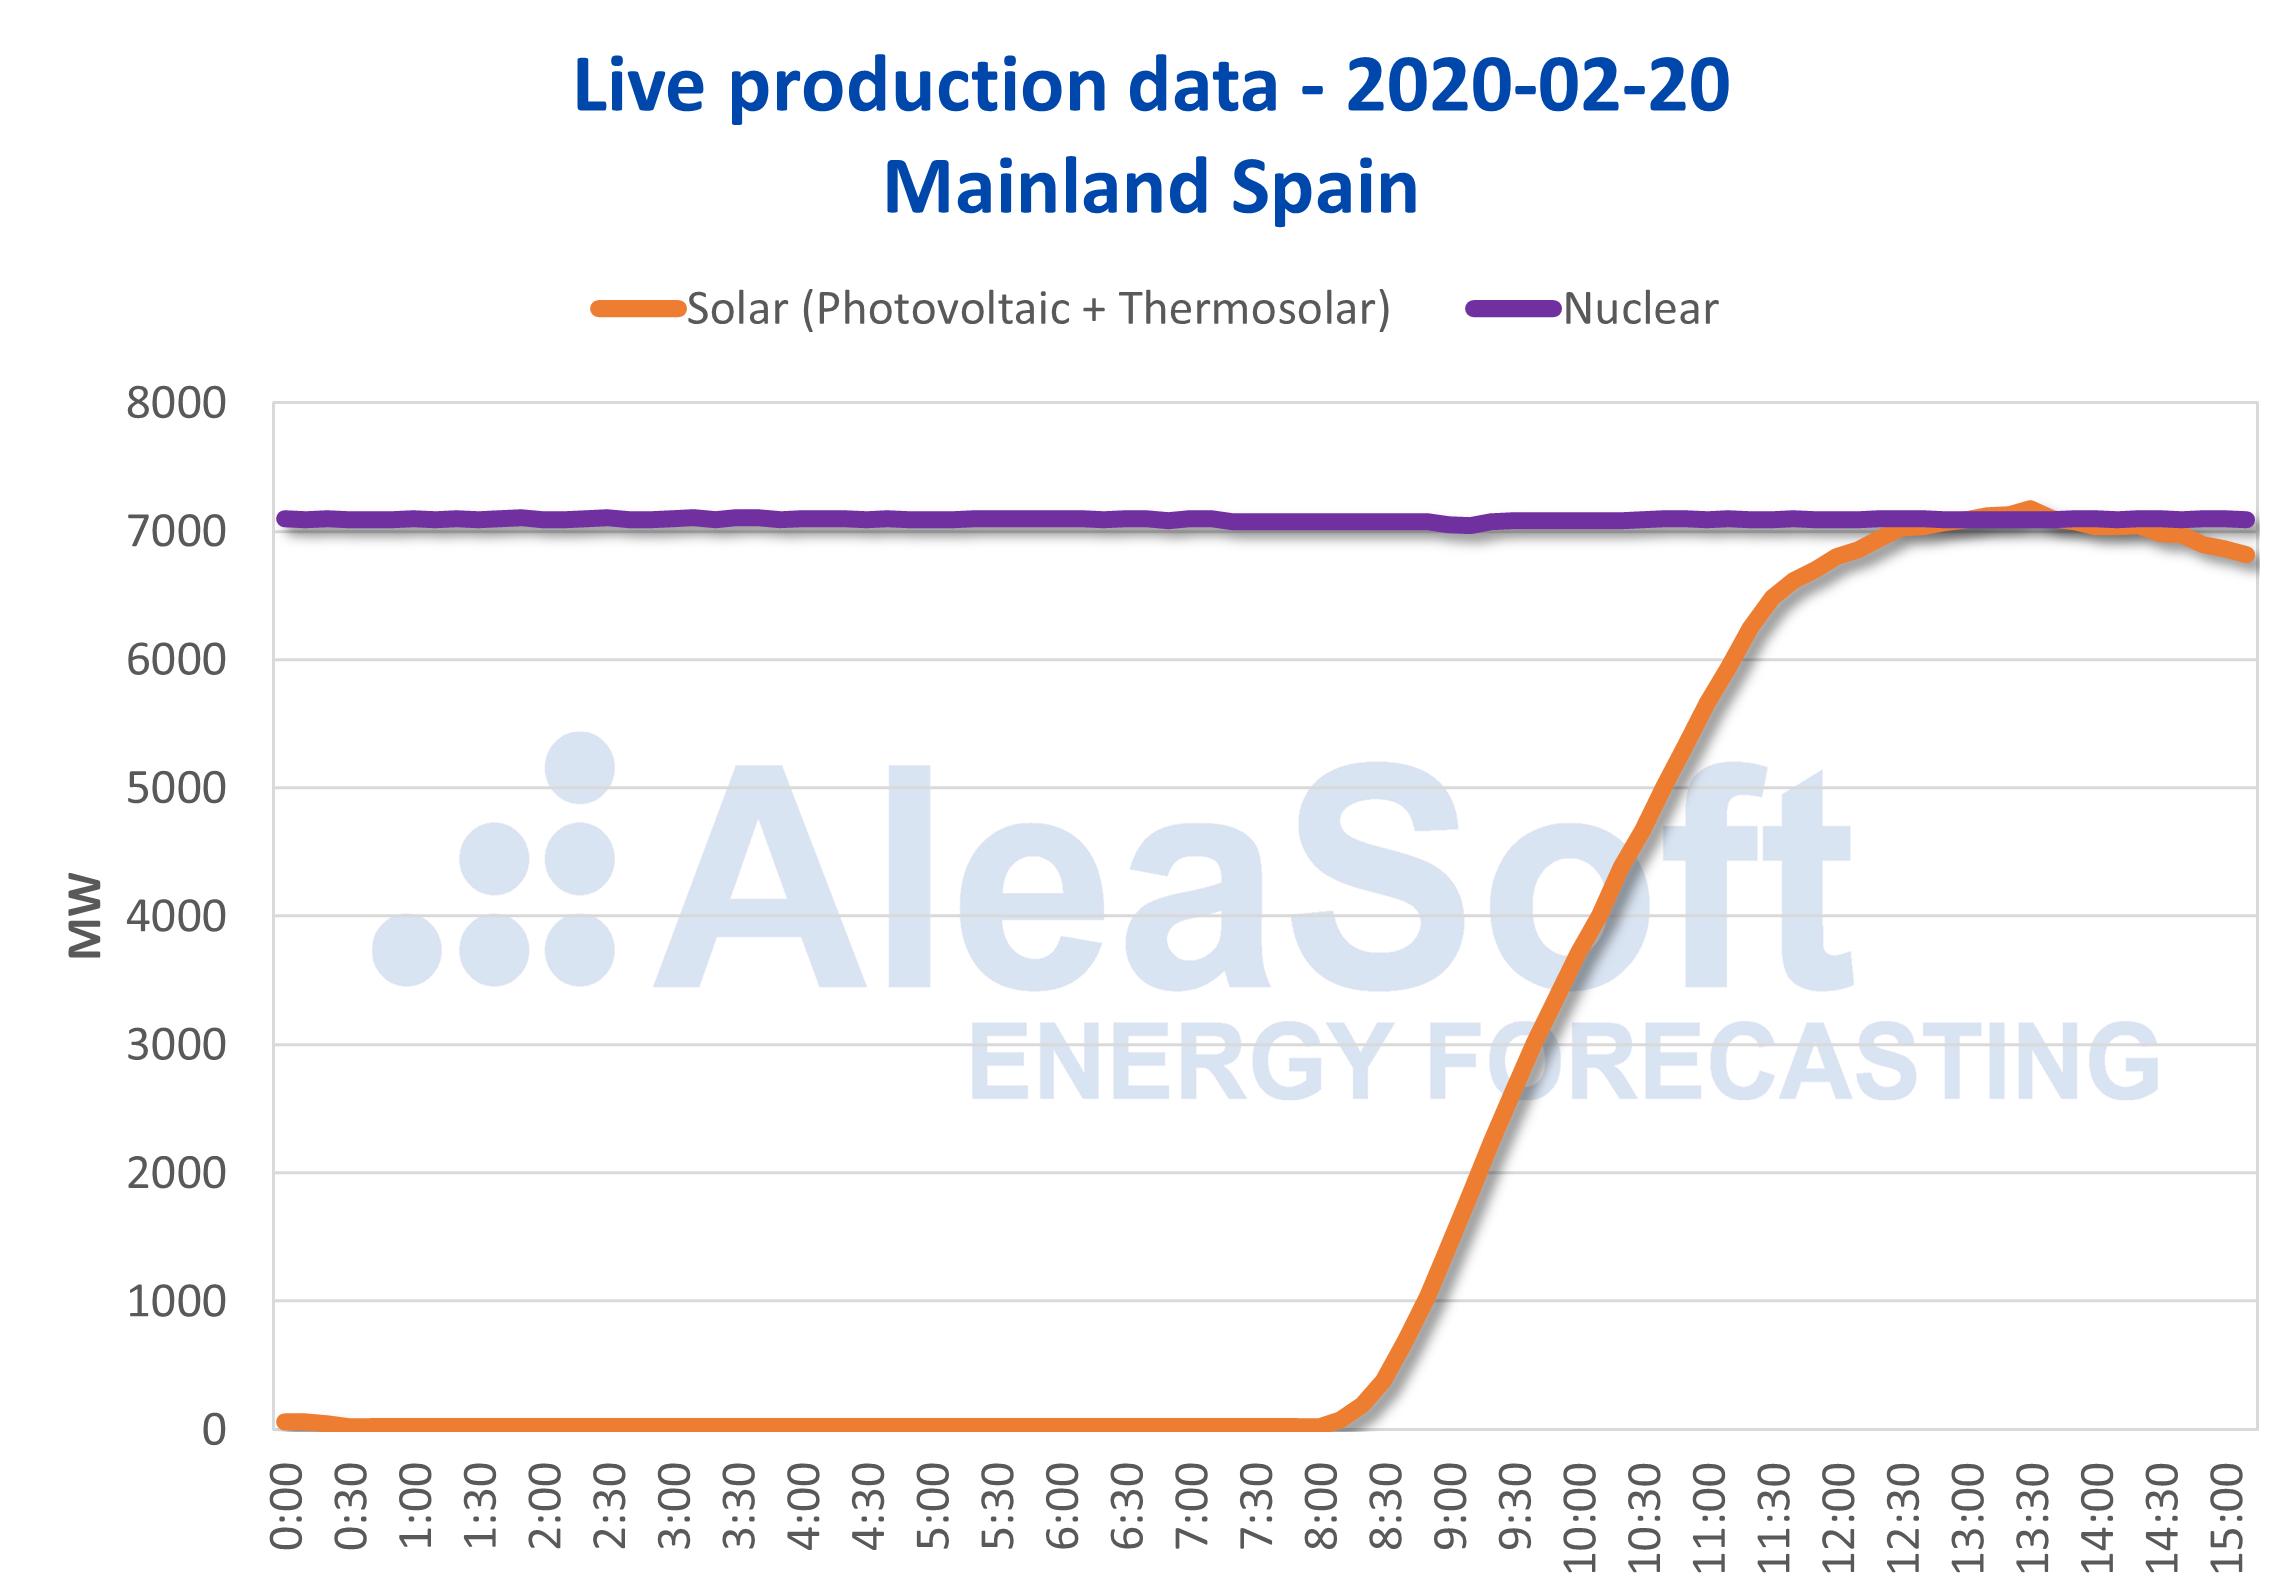 AleaSoft - Production solar photovoltaic thermosolar nuclear Spain